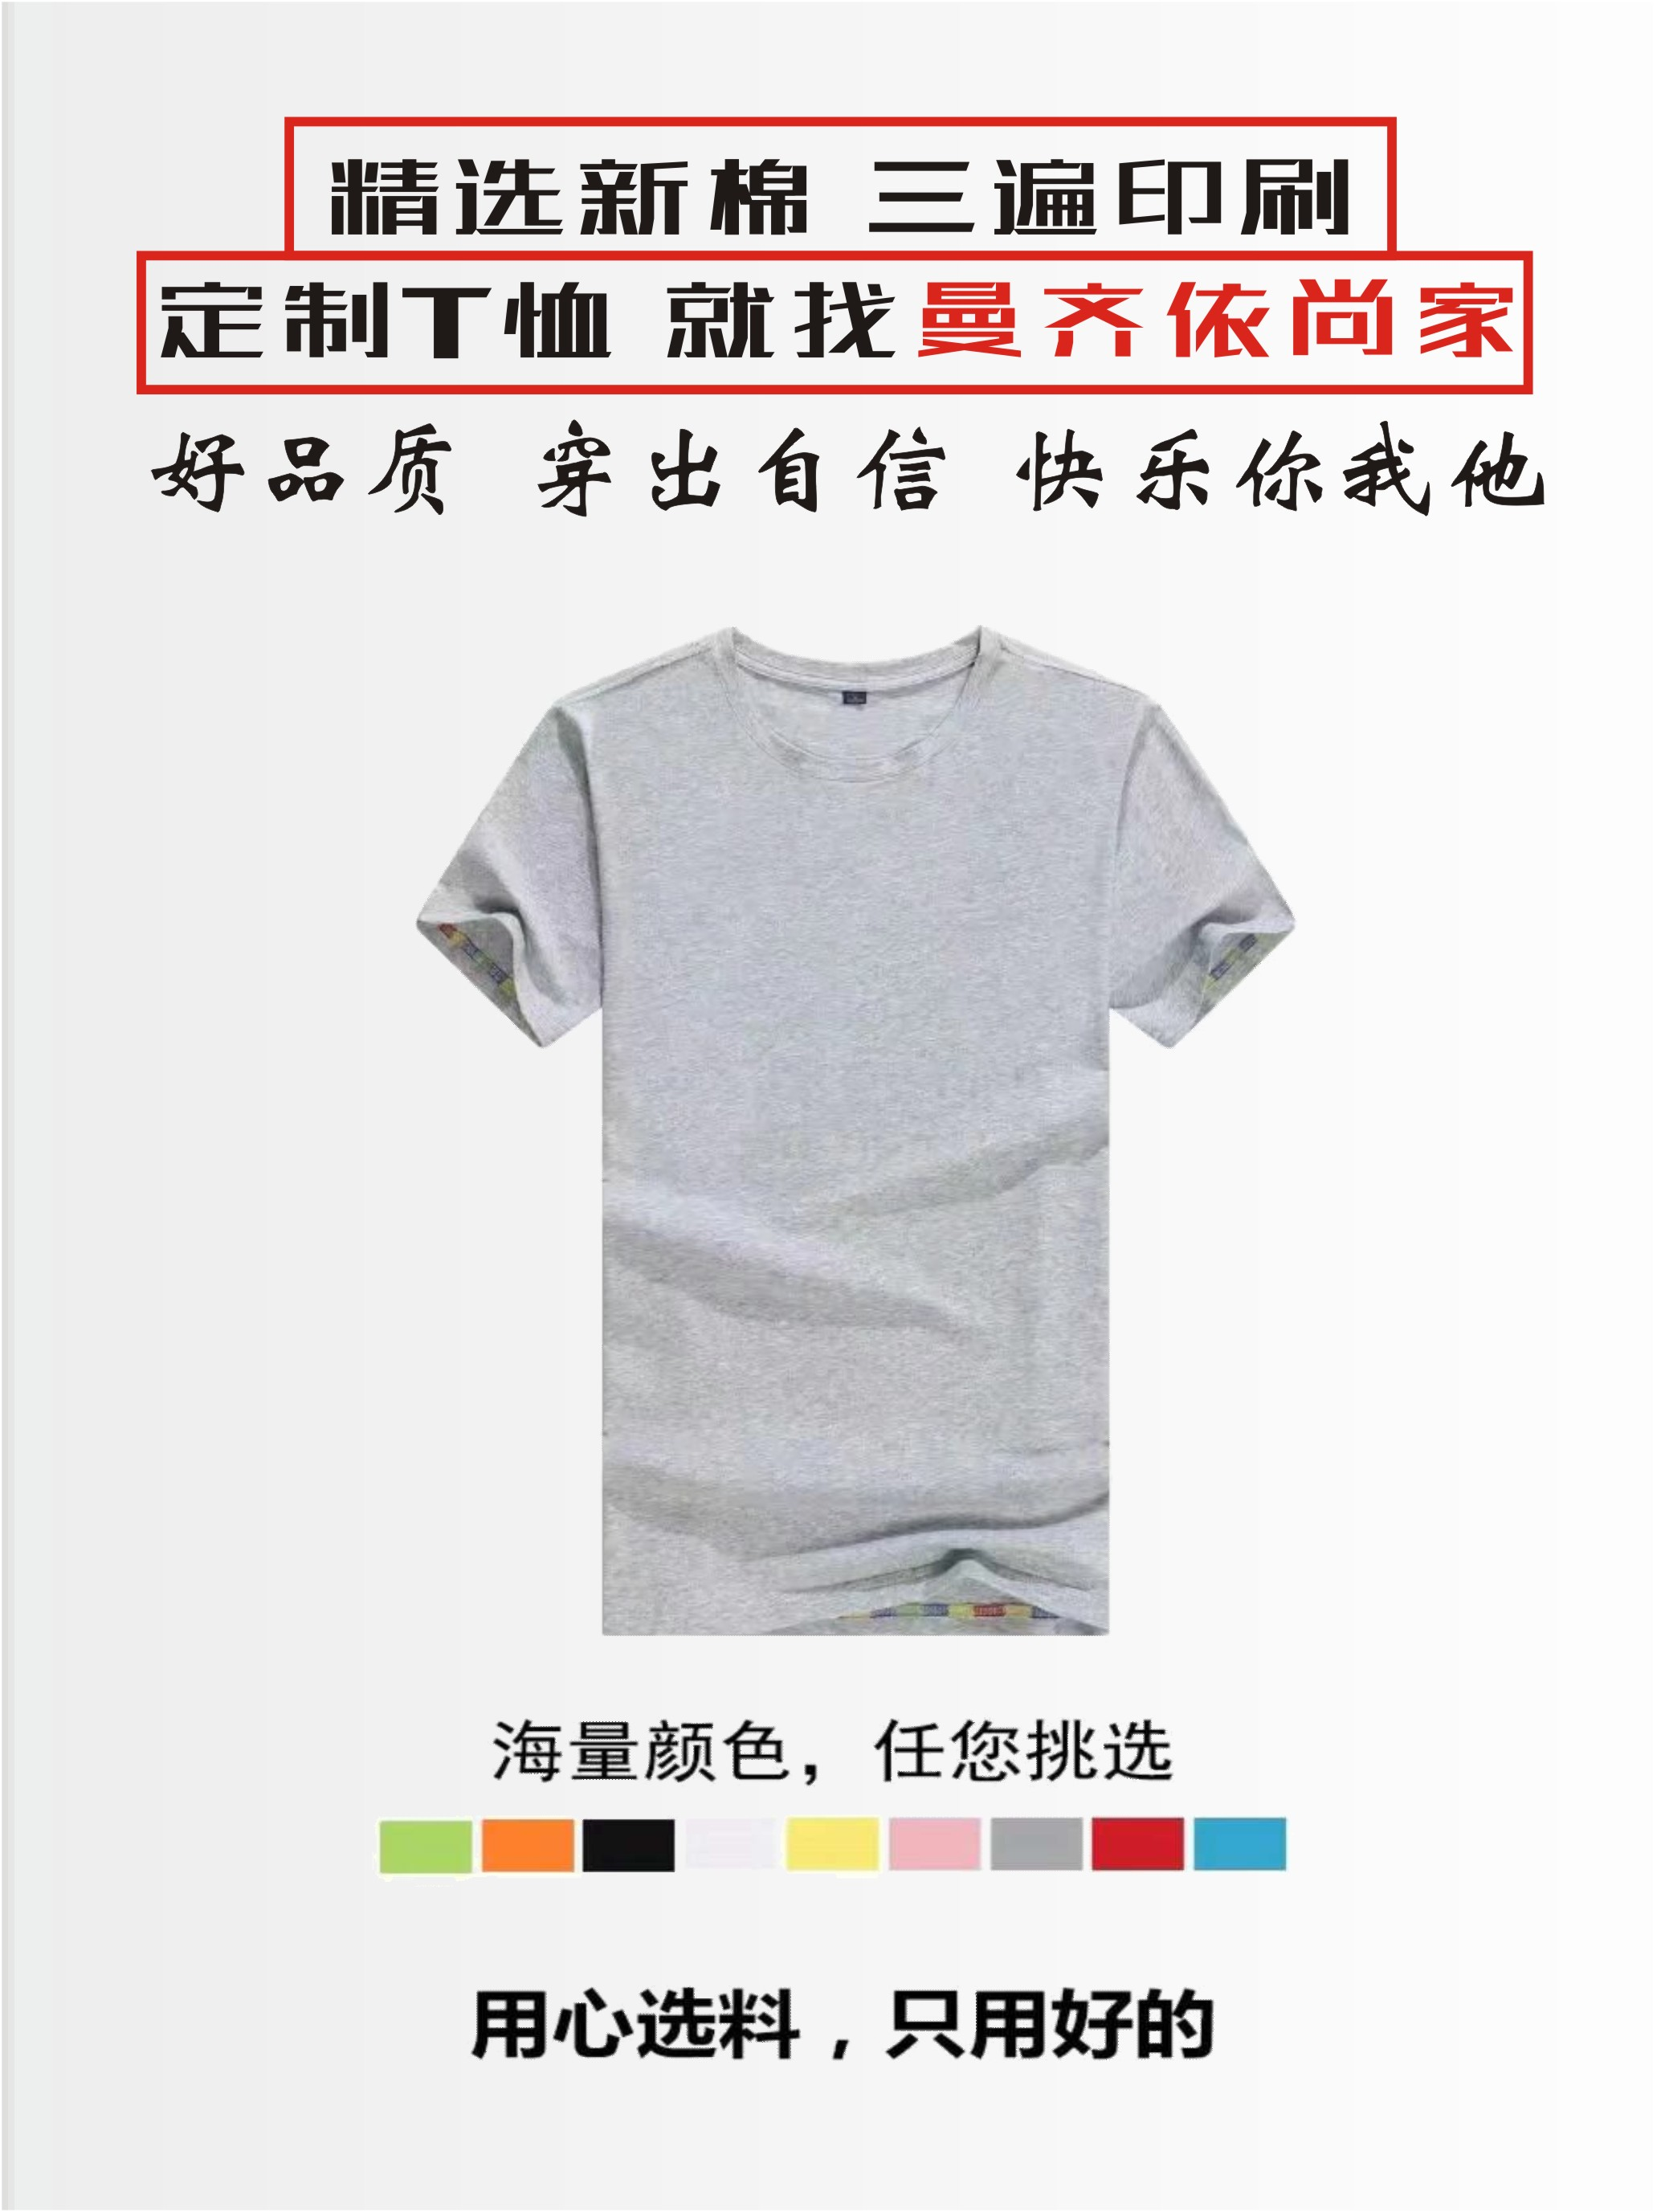 曼齐依尚文化衫一手货源厂家直销